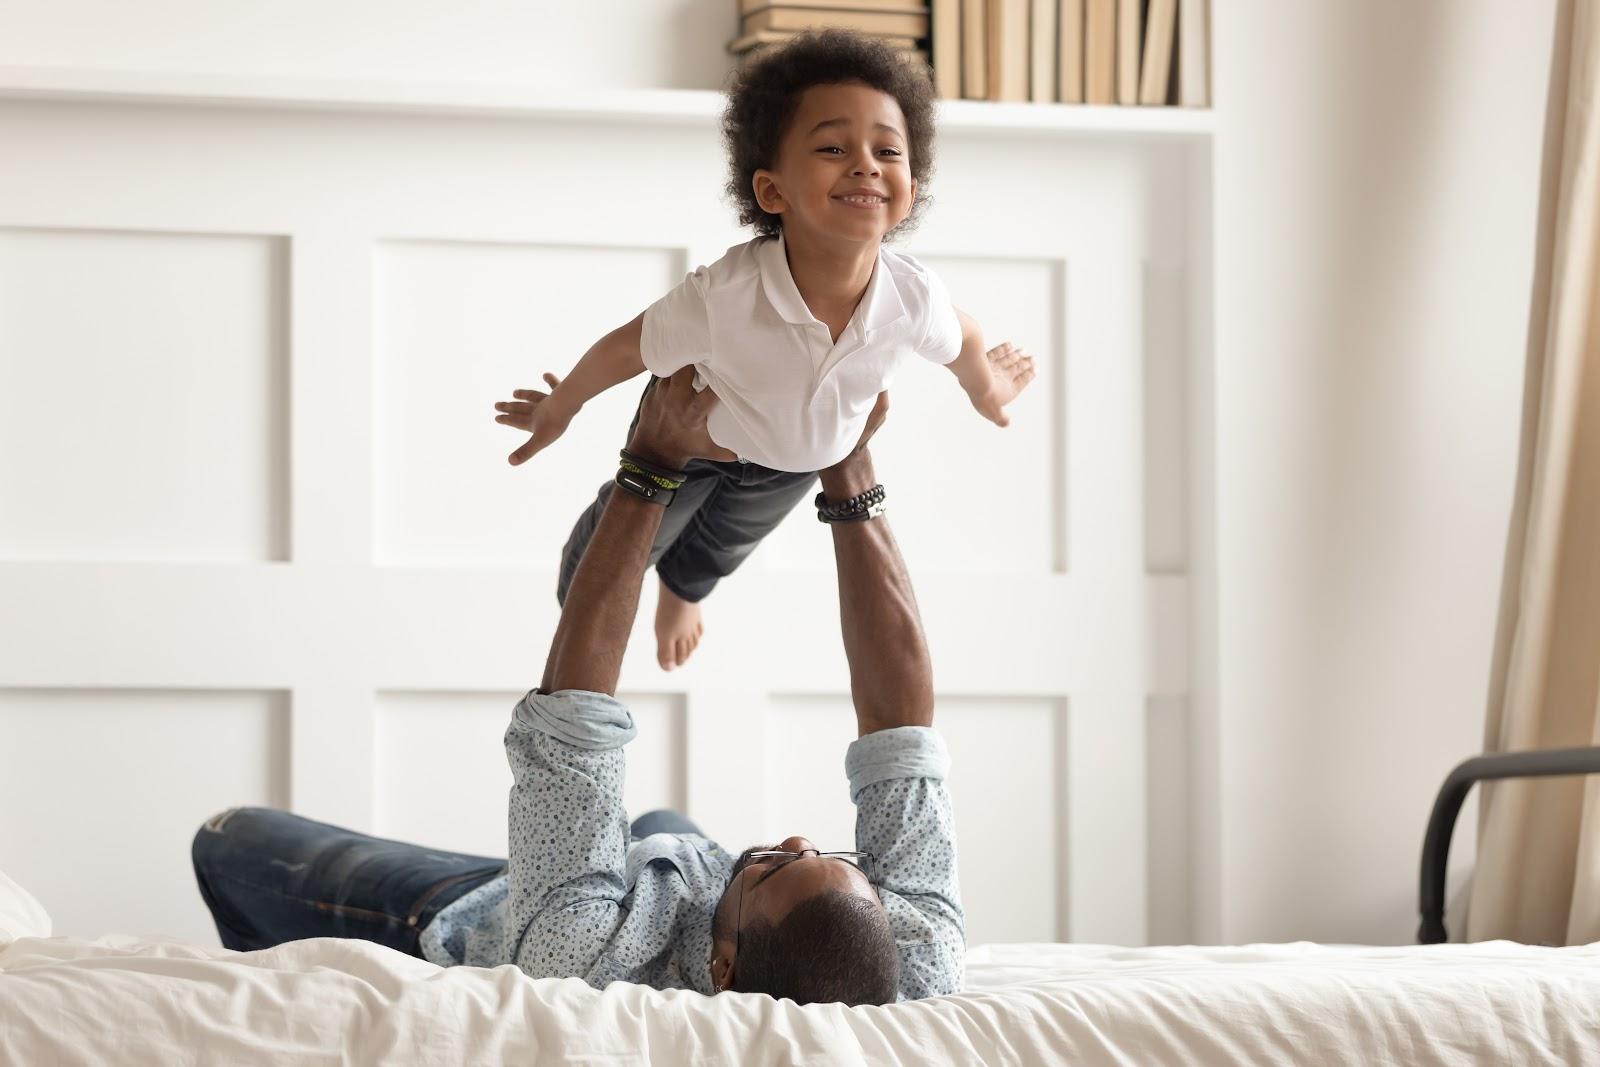 Pai fazendo exercício levantando filha